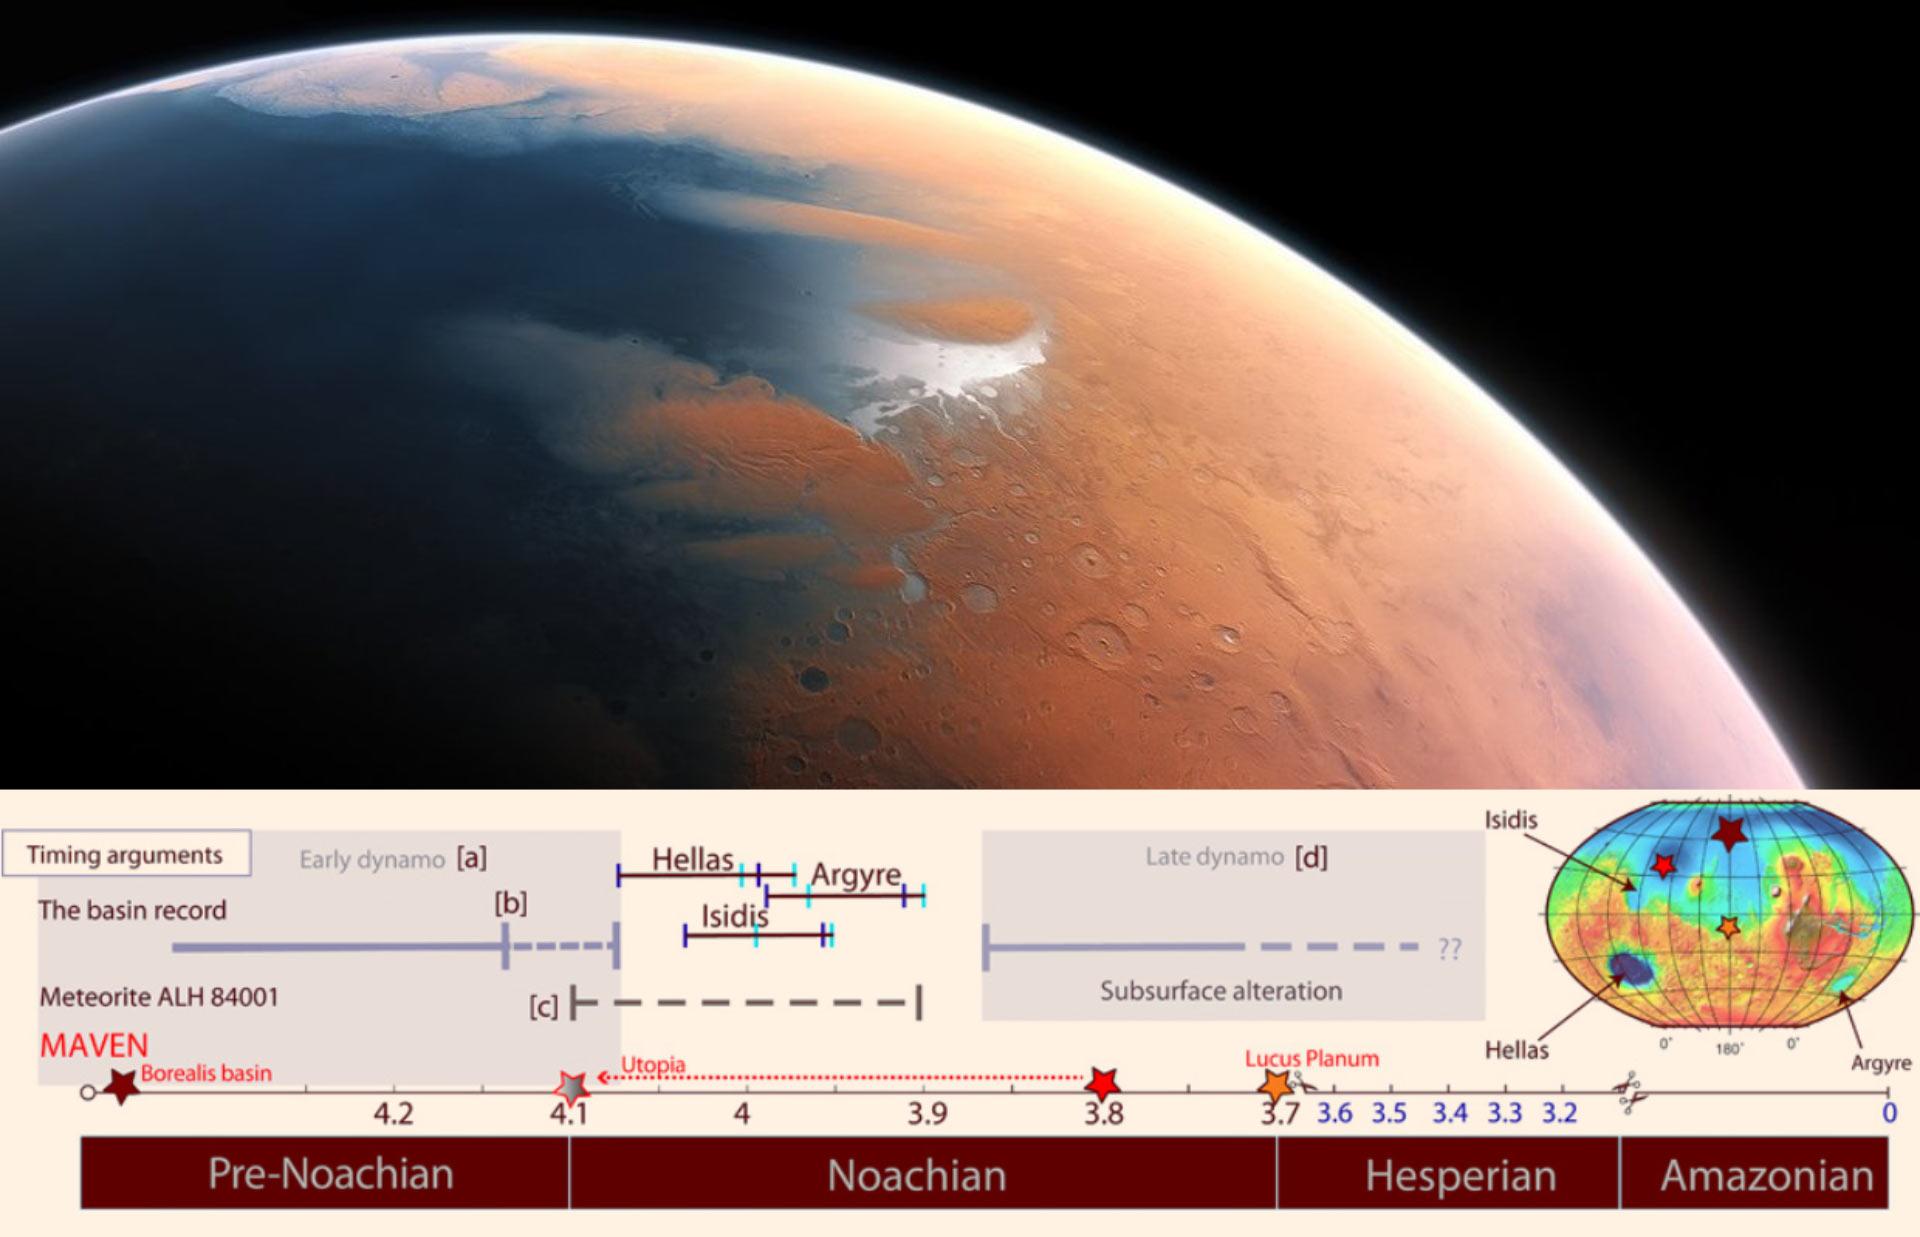 دینام مریخ بین 3.7 تا 4.5 میلیارد سال قبل فعال بود